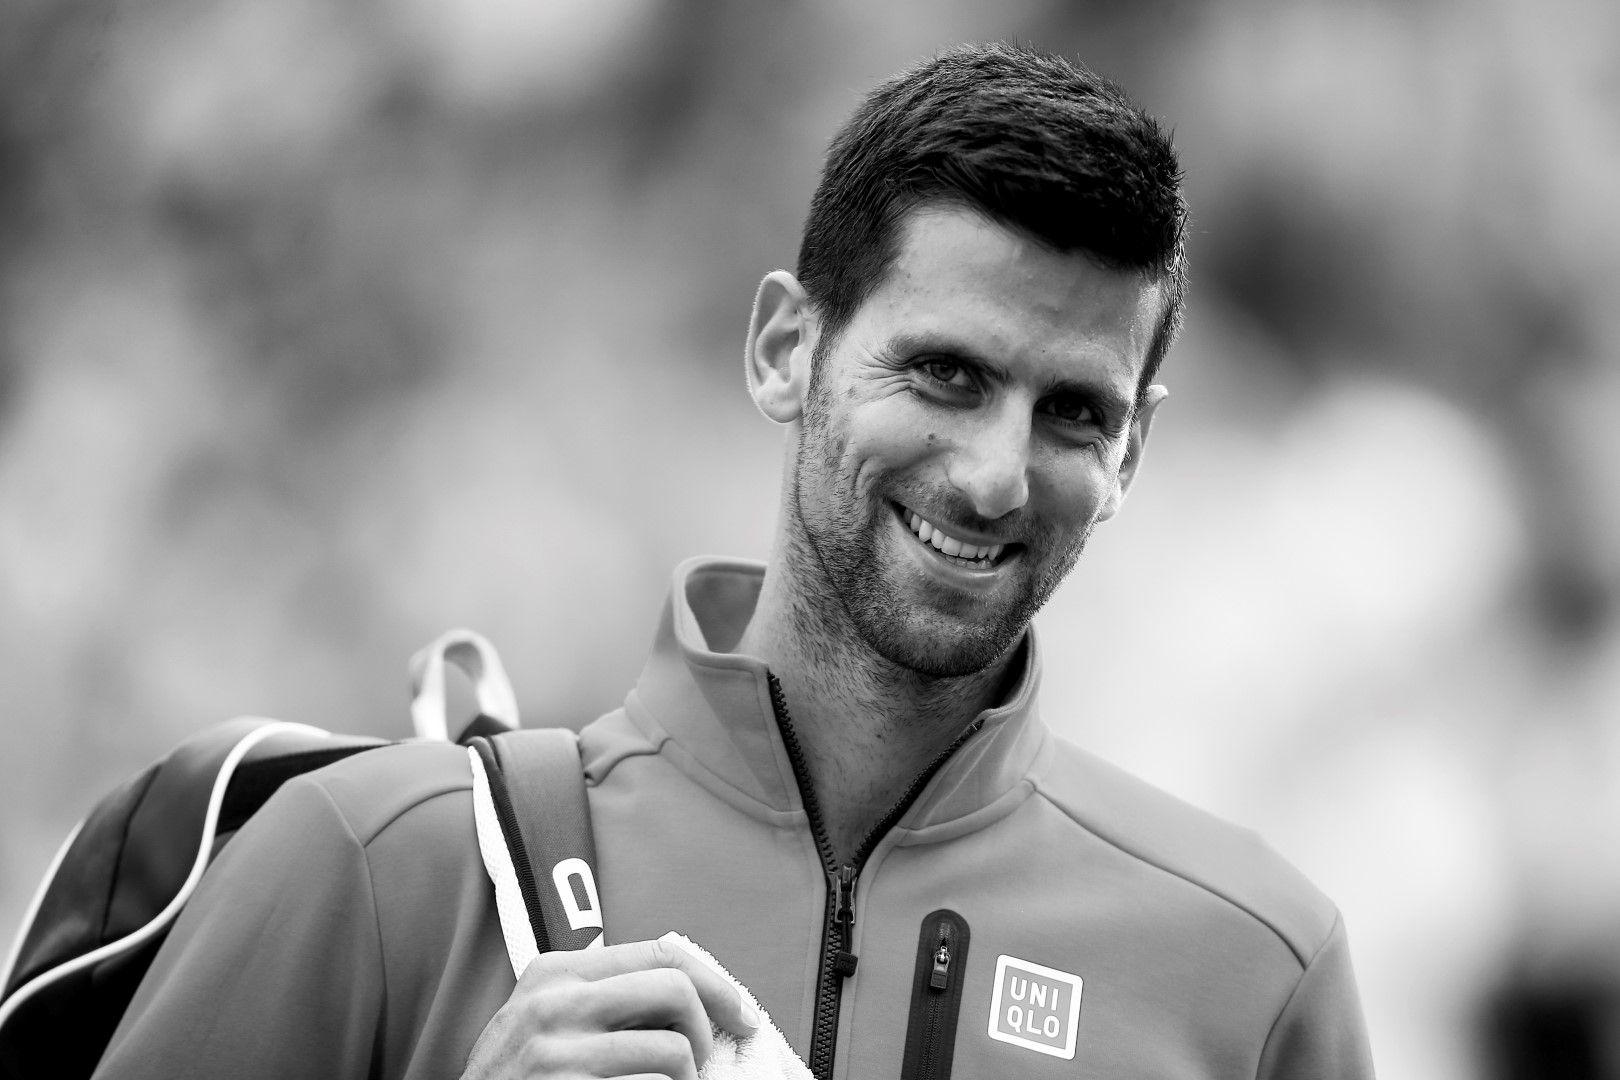 Джокович вече има общо 70 титли на ATP. Само Федерер, Надал и Серина Уилямс могат да се похвалят с повече.